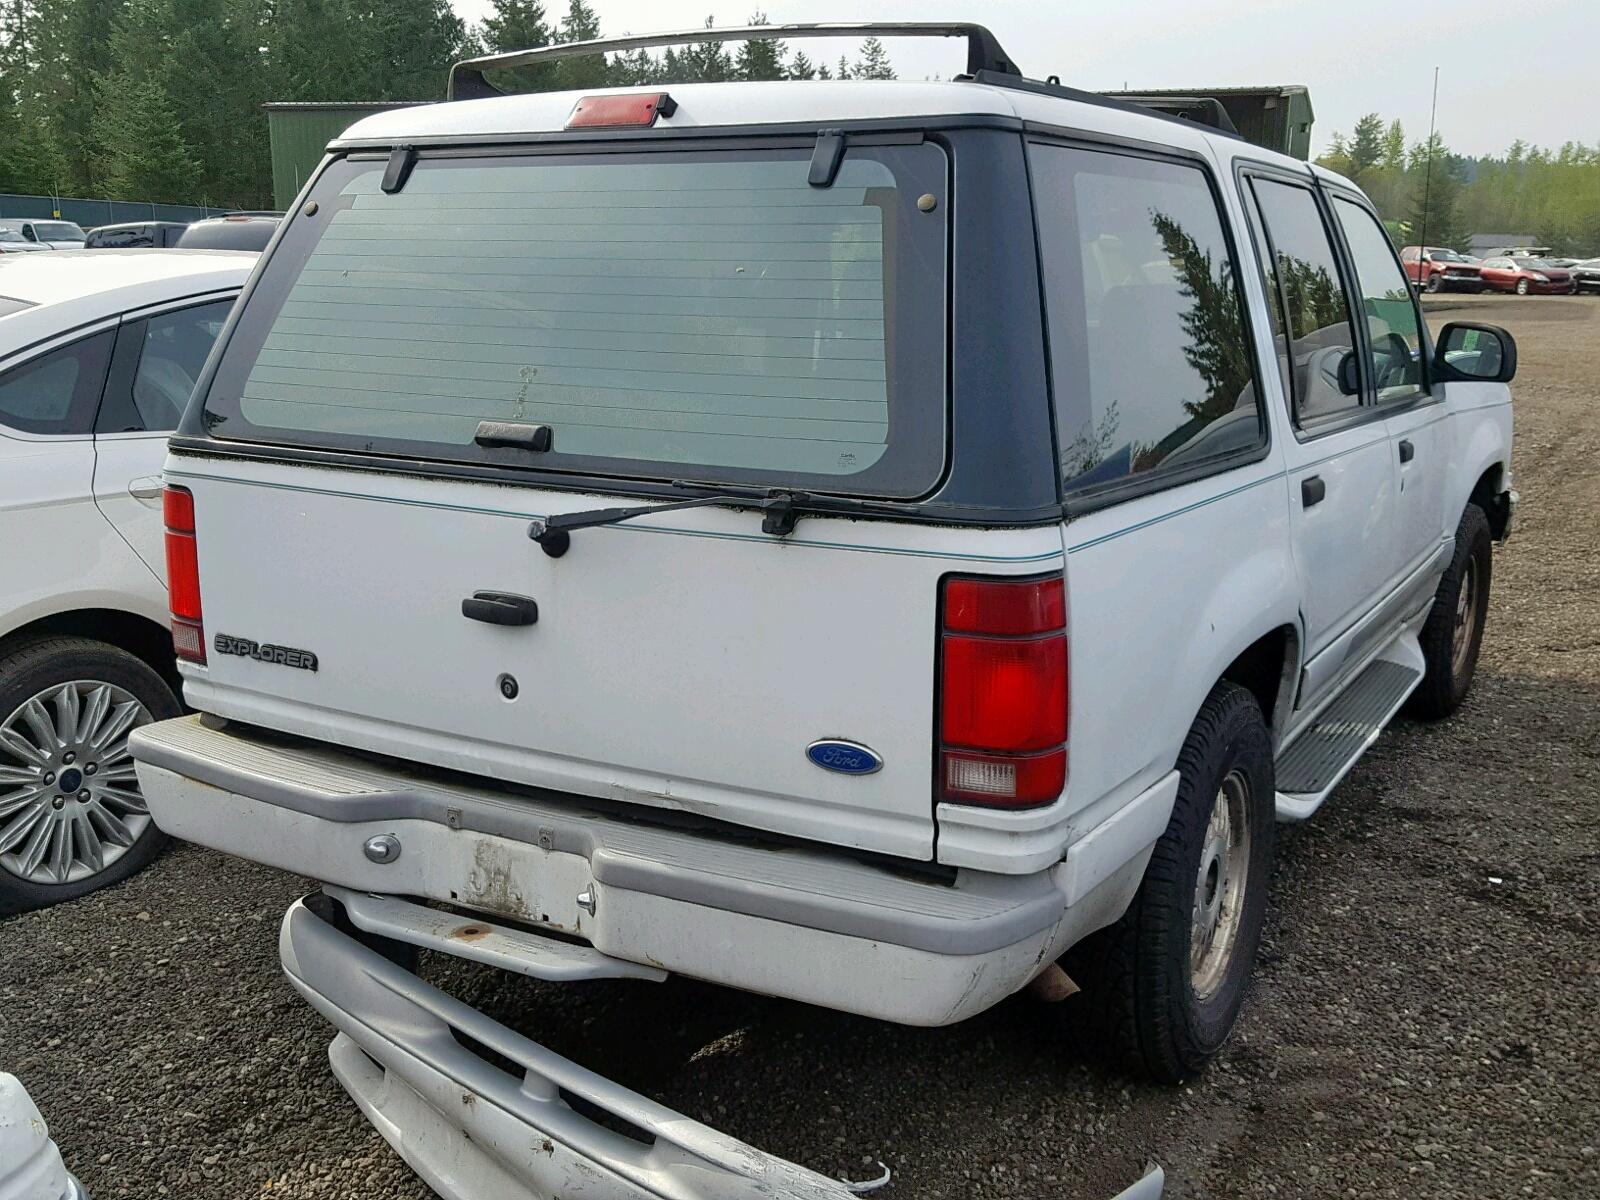 hight resolution of  1fmdu34x7rua08550 1994 ford explorer 4 0l rear view 1fmdu34x7rua08550